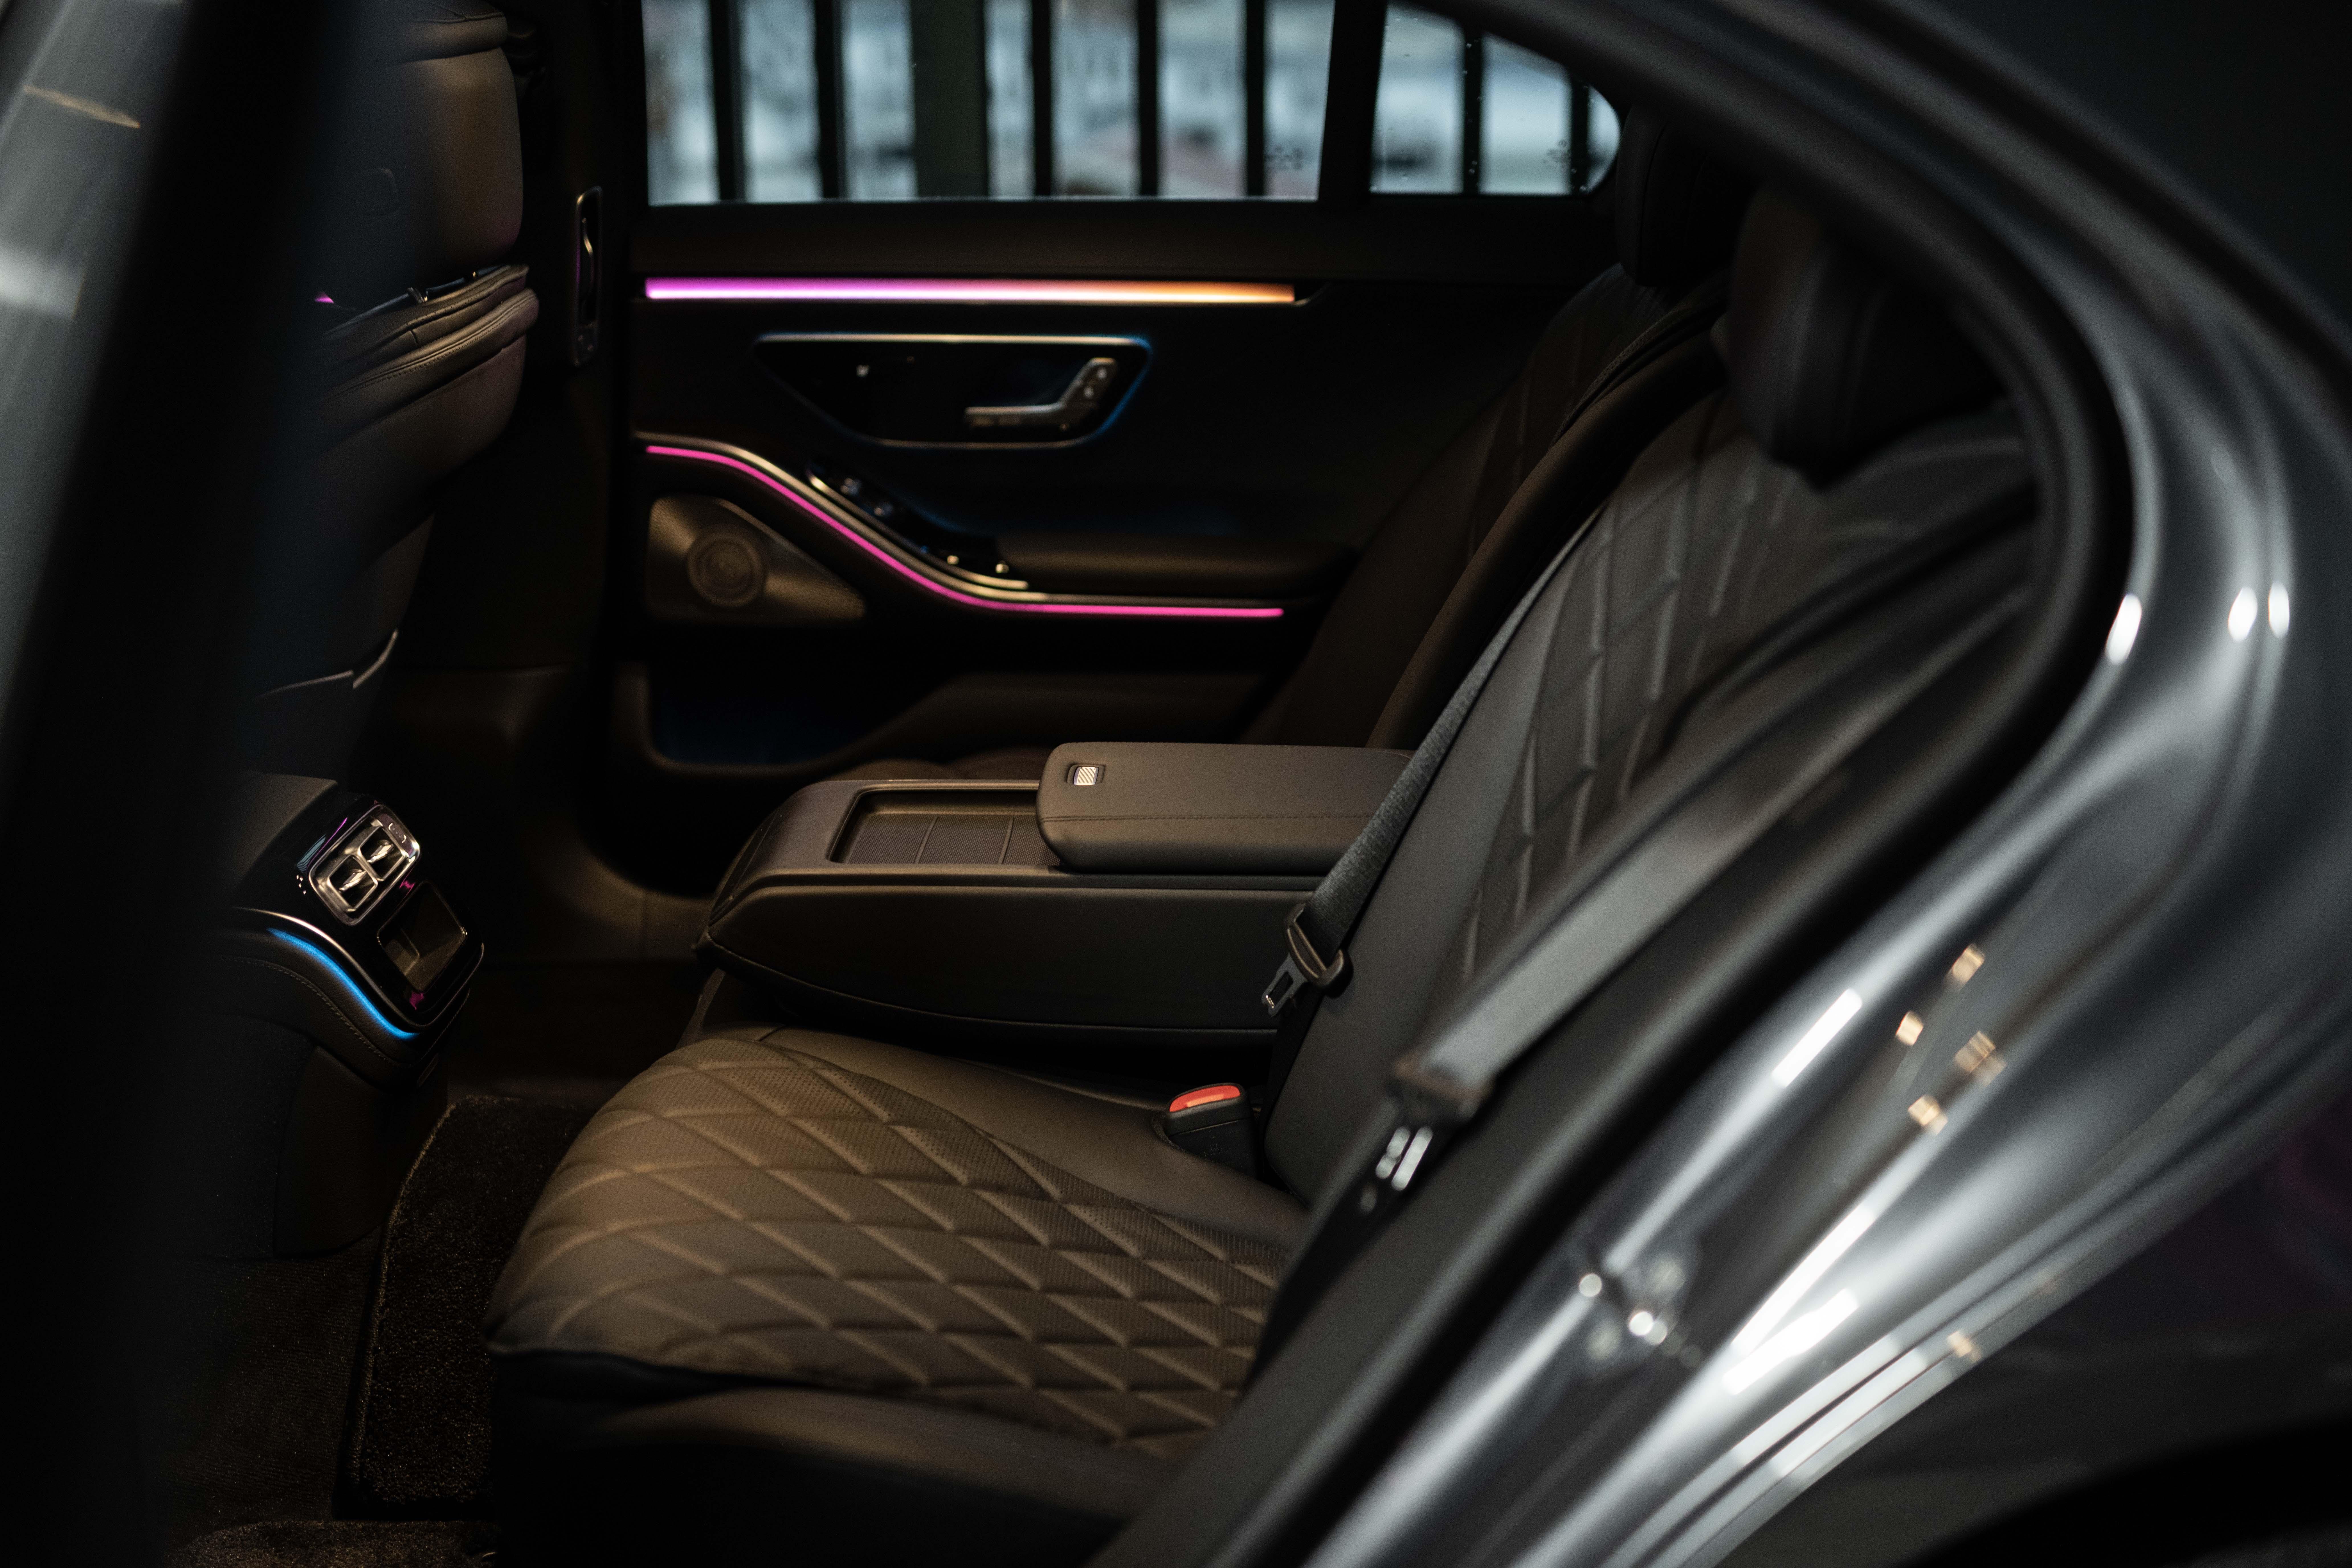 テクノロジーによる快楽の追求──新型メルセデス・ベンツS400d 4マチック試乗記